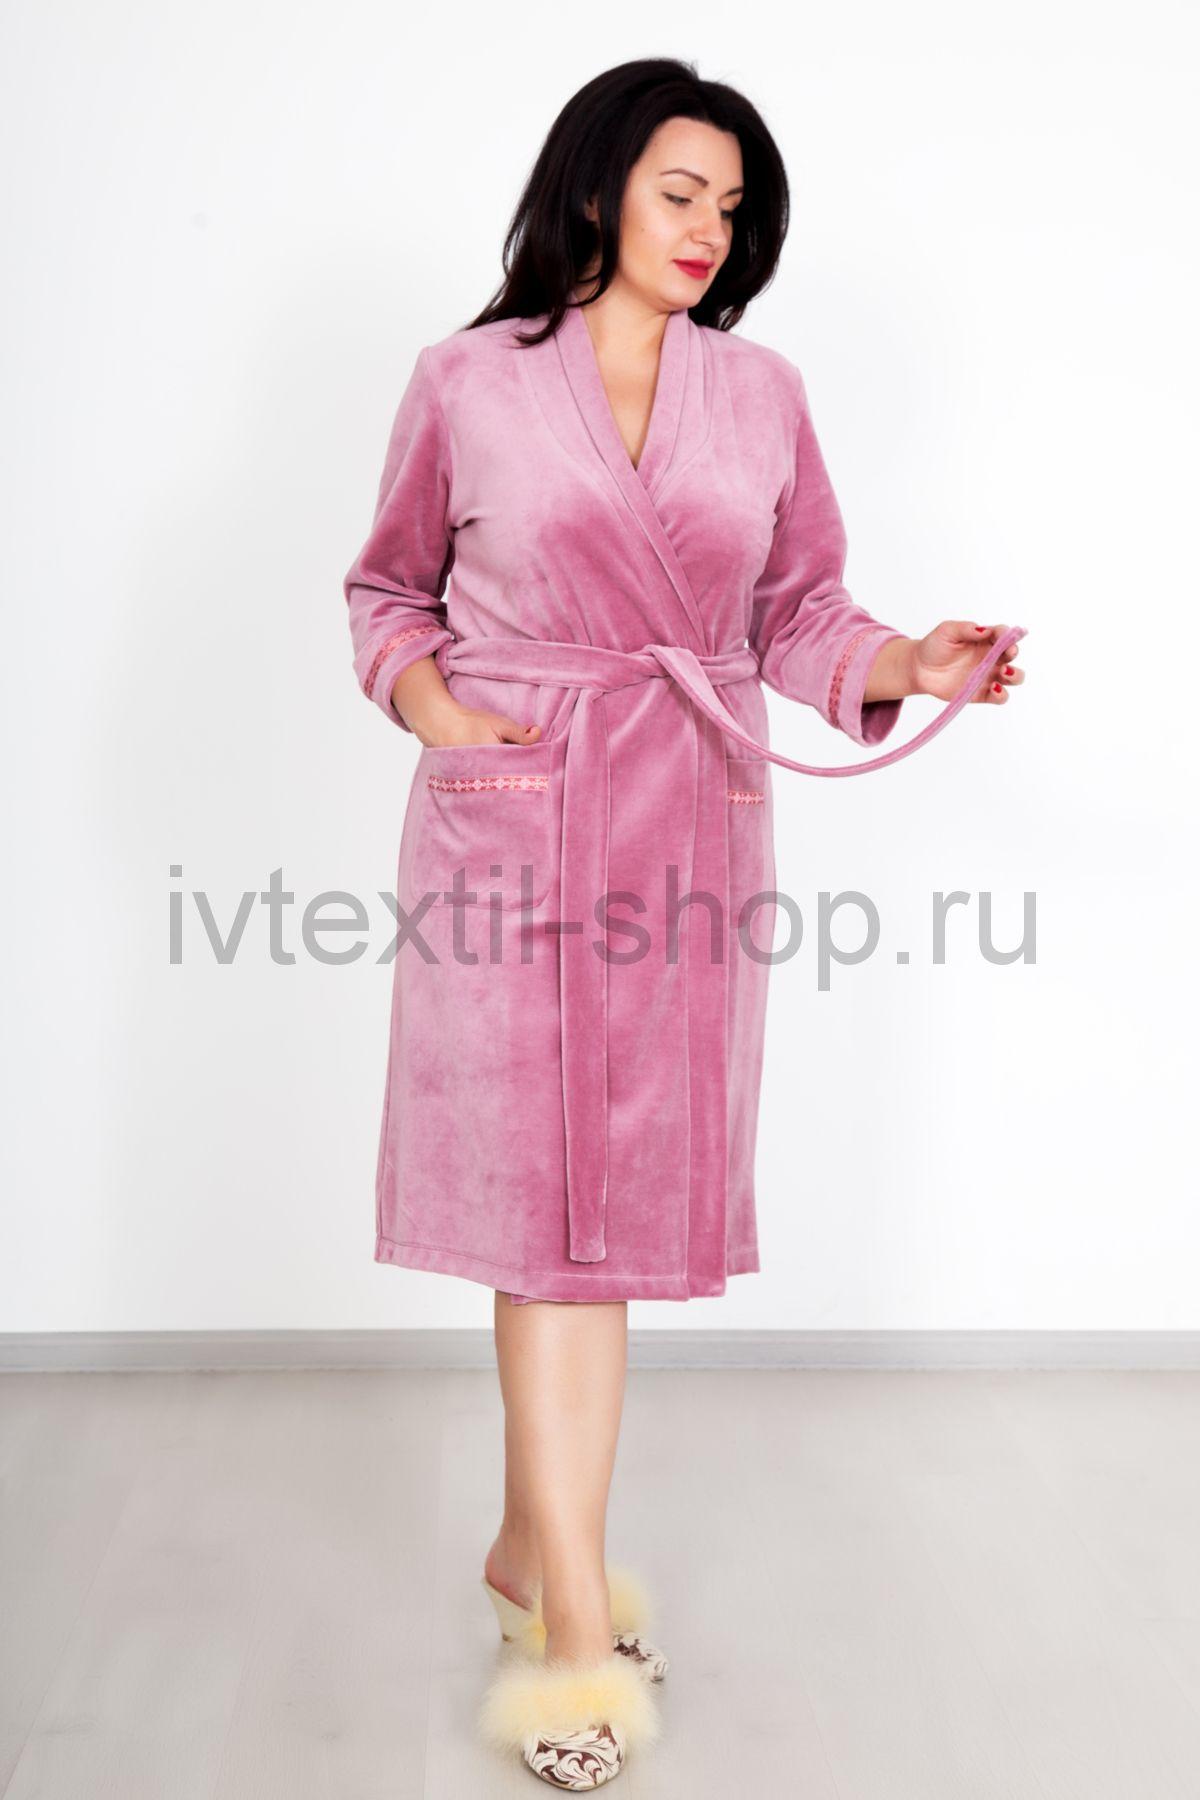 faf2a5f201827 Купить недорого женский домашний велюровый халат